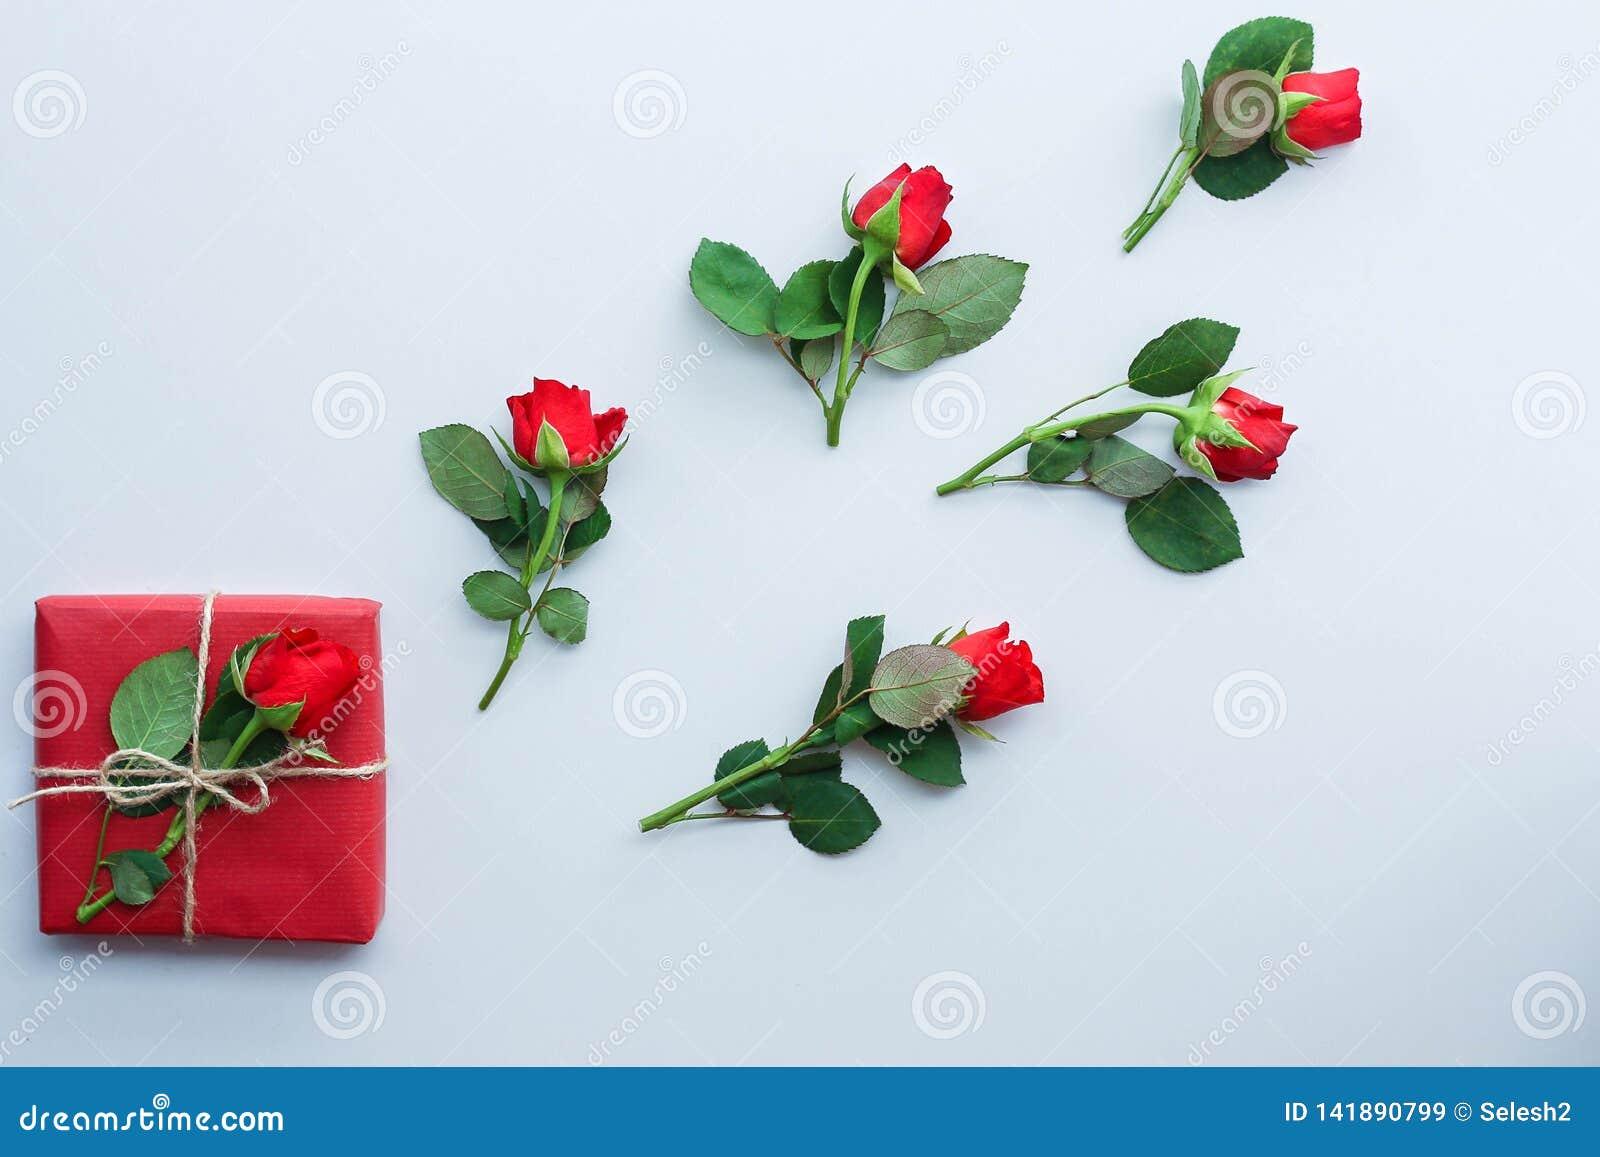 Όμορφα τριαντάφυλλα και κιβώτιο δώρων στο ελαφρύ υπόβαθρο